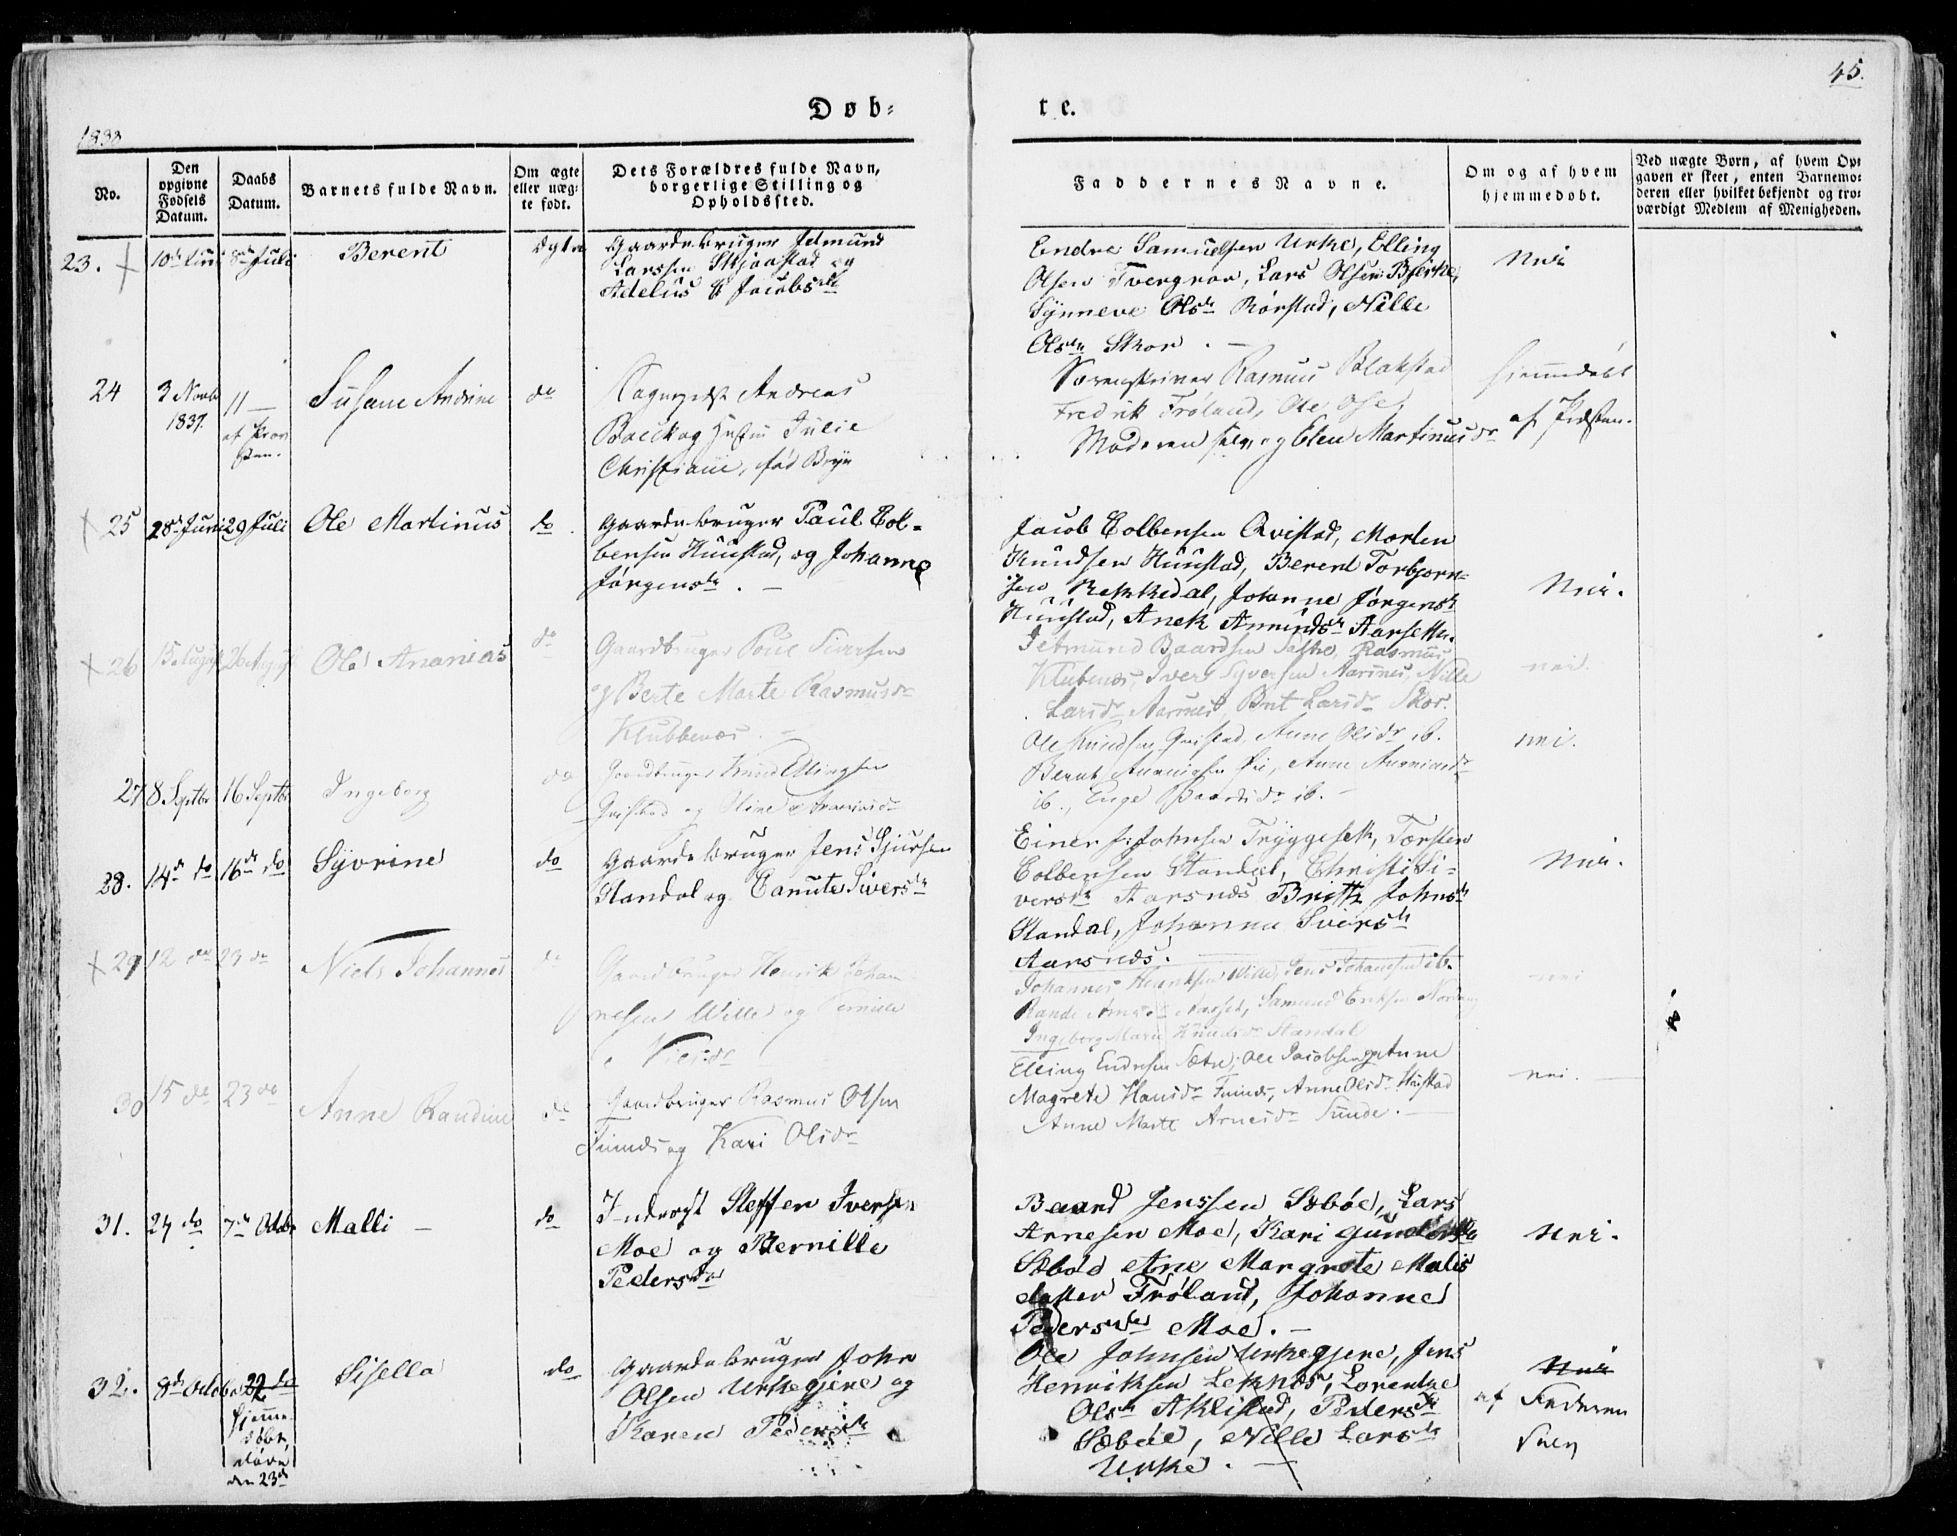 SAT, Ministerialprotokoller, klokkerbøker og fødselsregistre - Møre og Romsdal, 515/L0208: Ministerialbok nr. 515A04, 1830-1846, s. 45